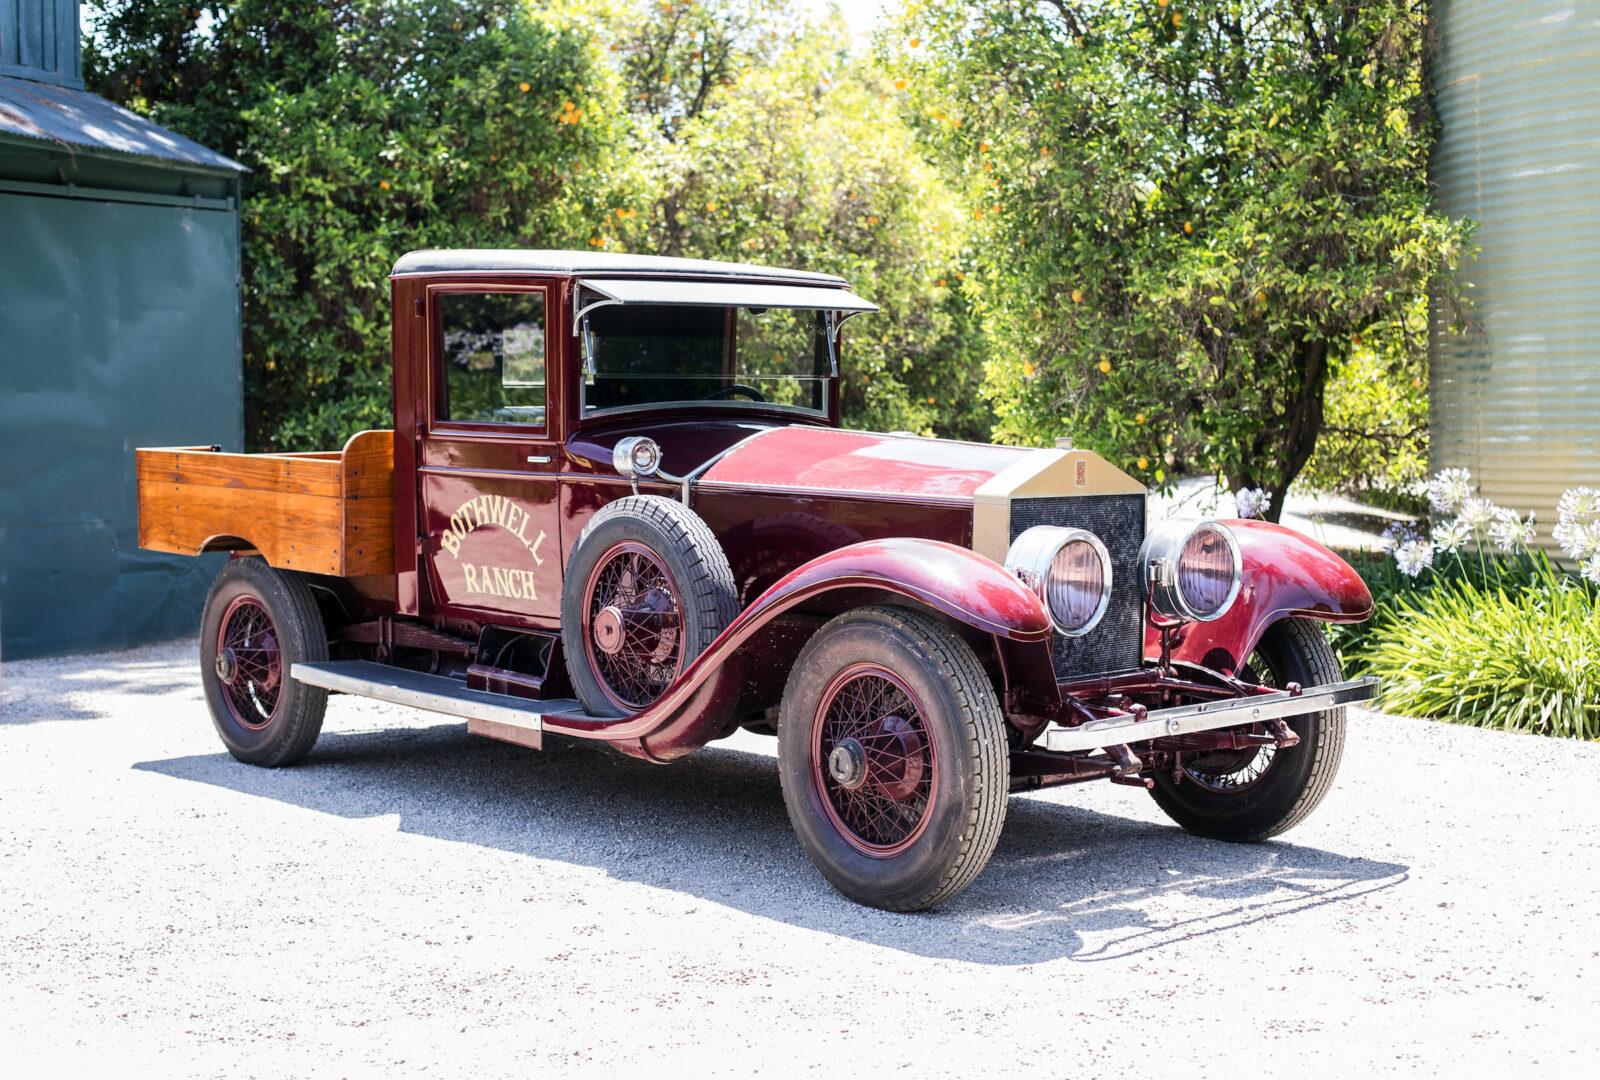 Rolls Royce Silver Ghost Pick Up Truck 1600x1080 - 1926 Rolls-Royce Silver Ghost Pickup Truck